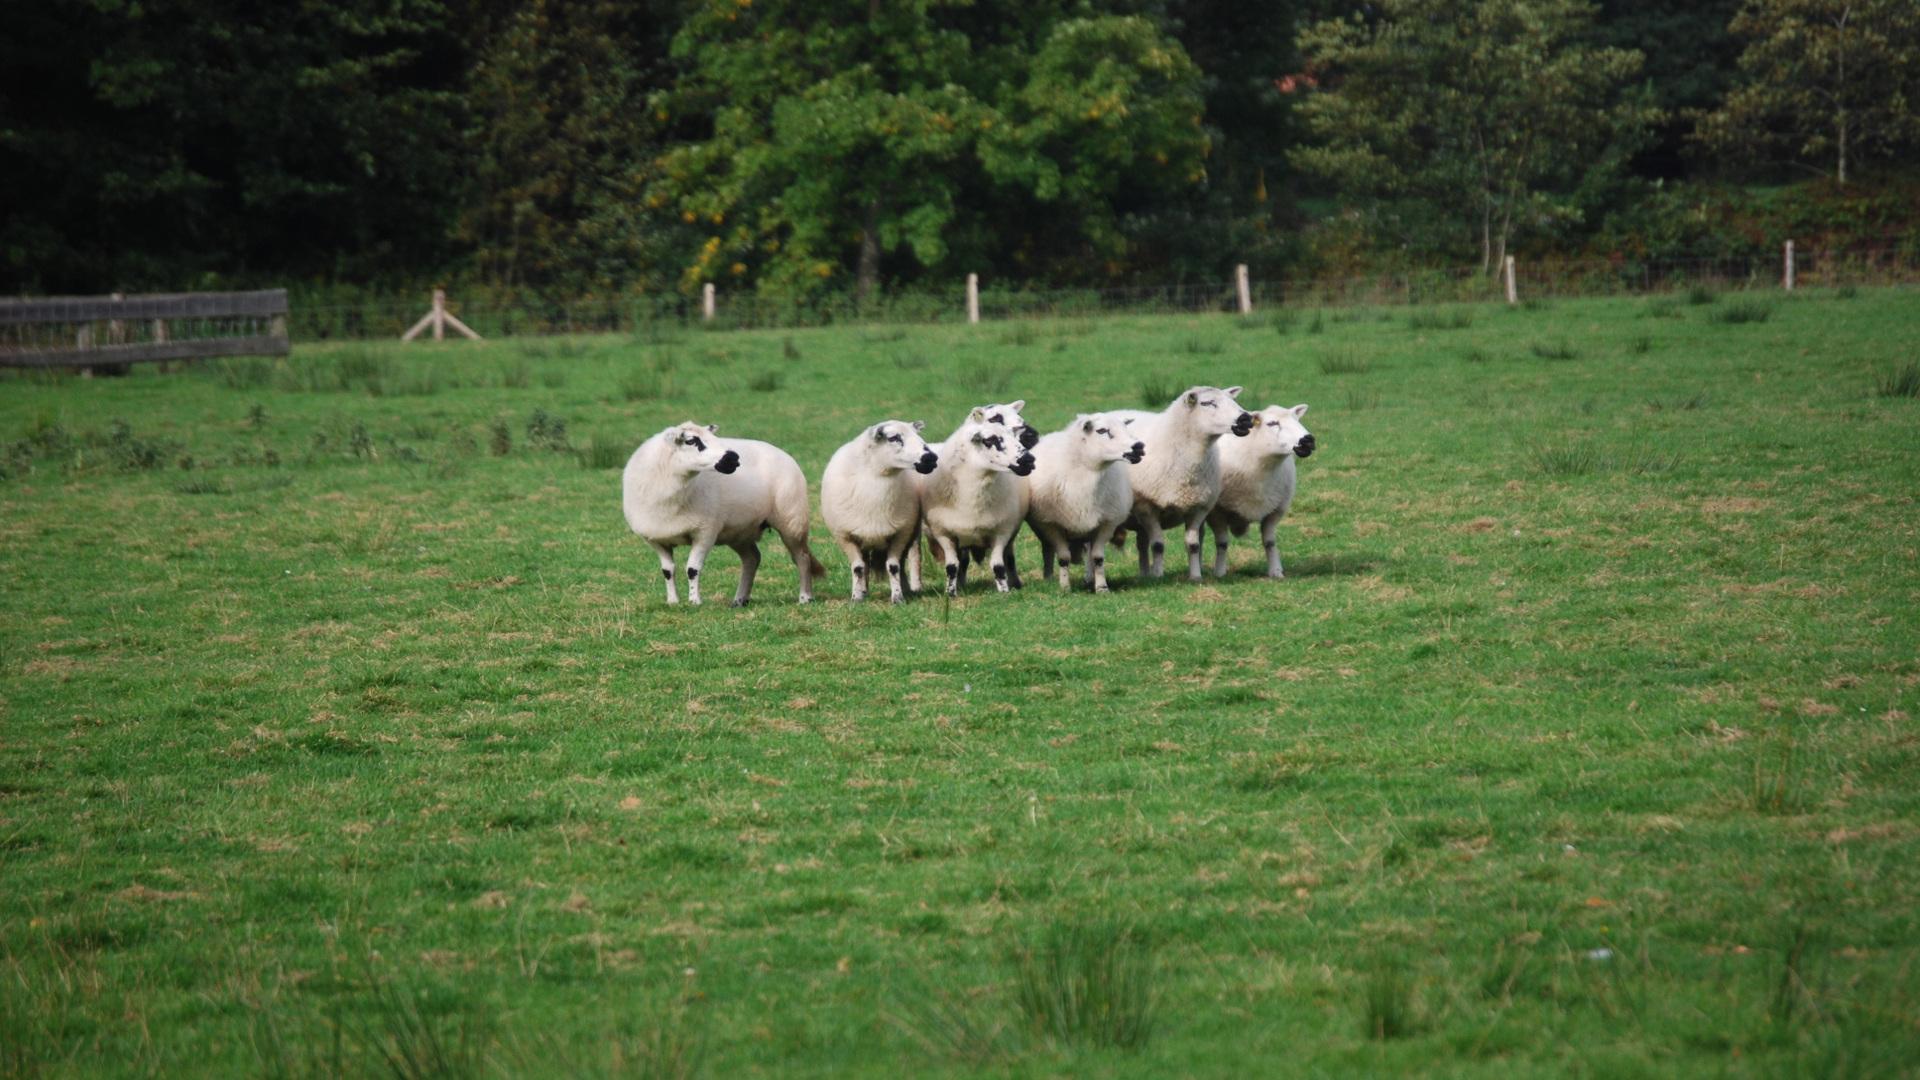 Este sábado hay una jornada sobre comercialización y cooperativismo de ovino y caprino.1920